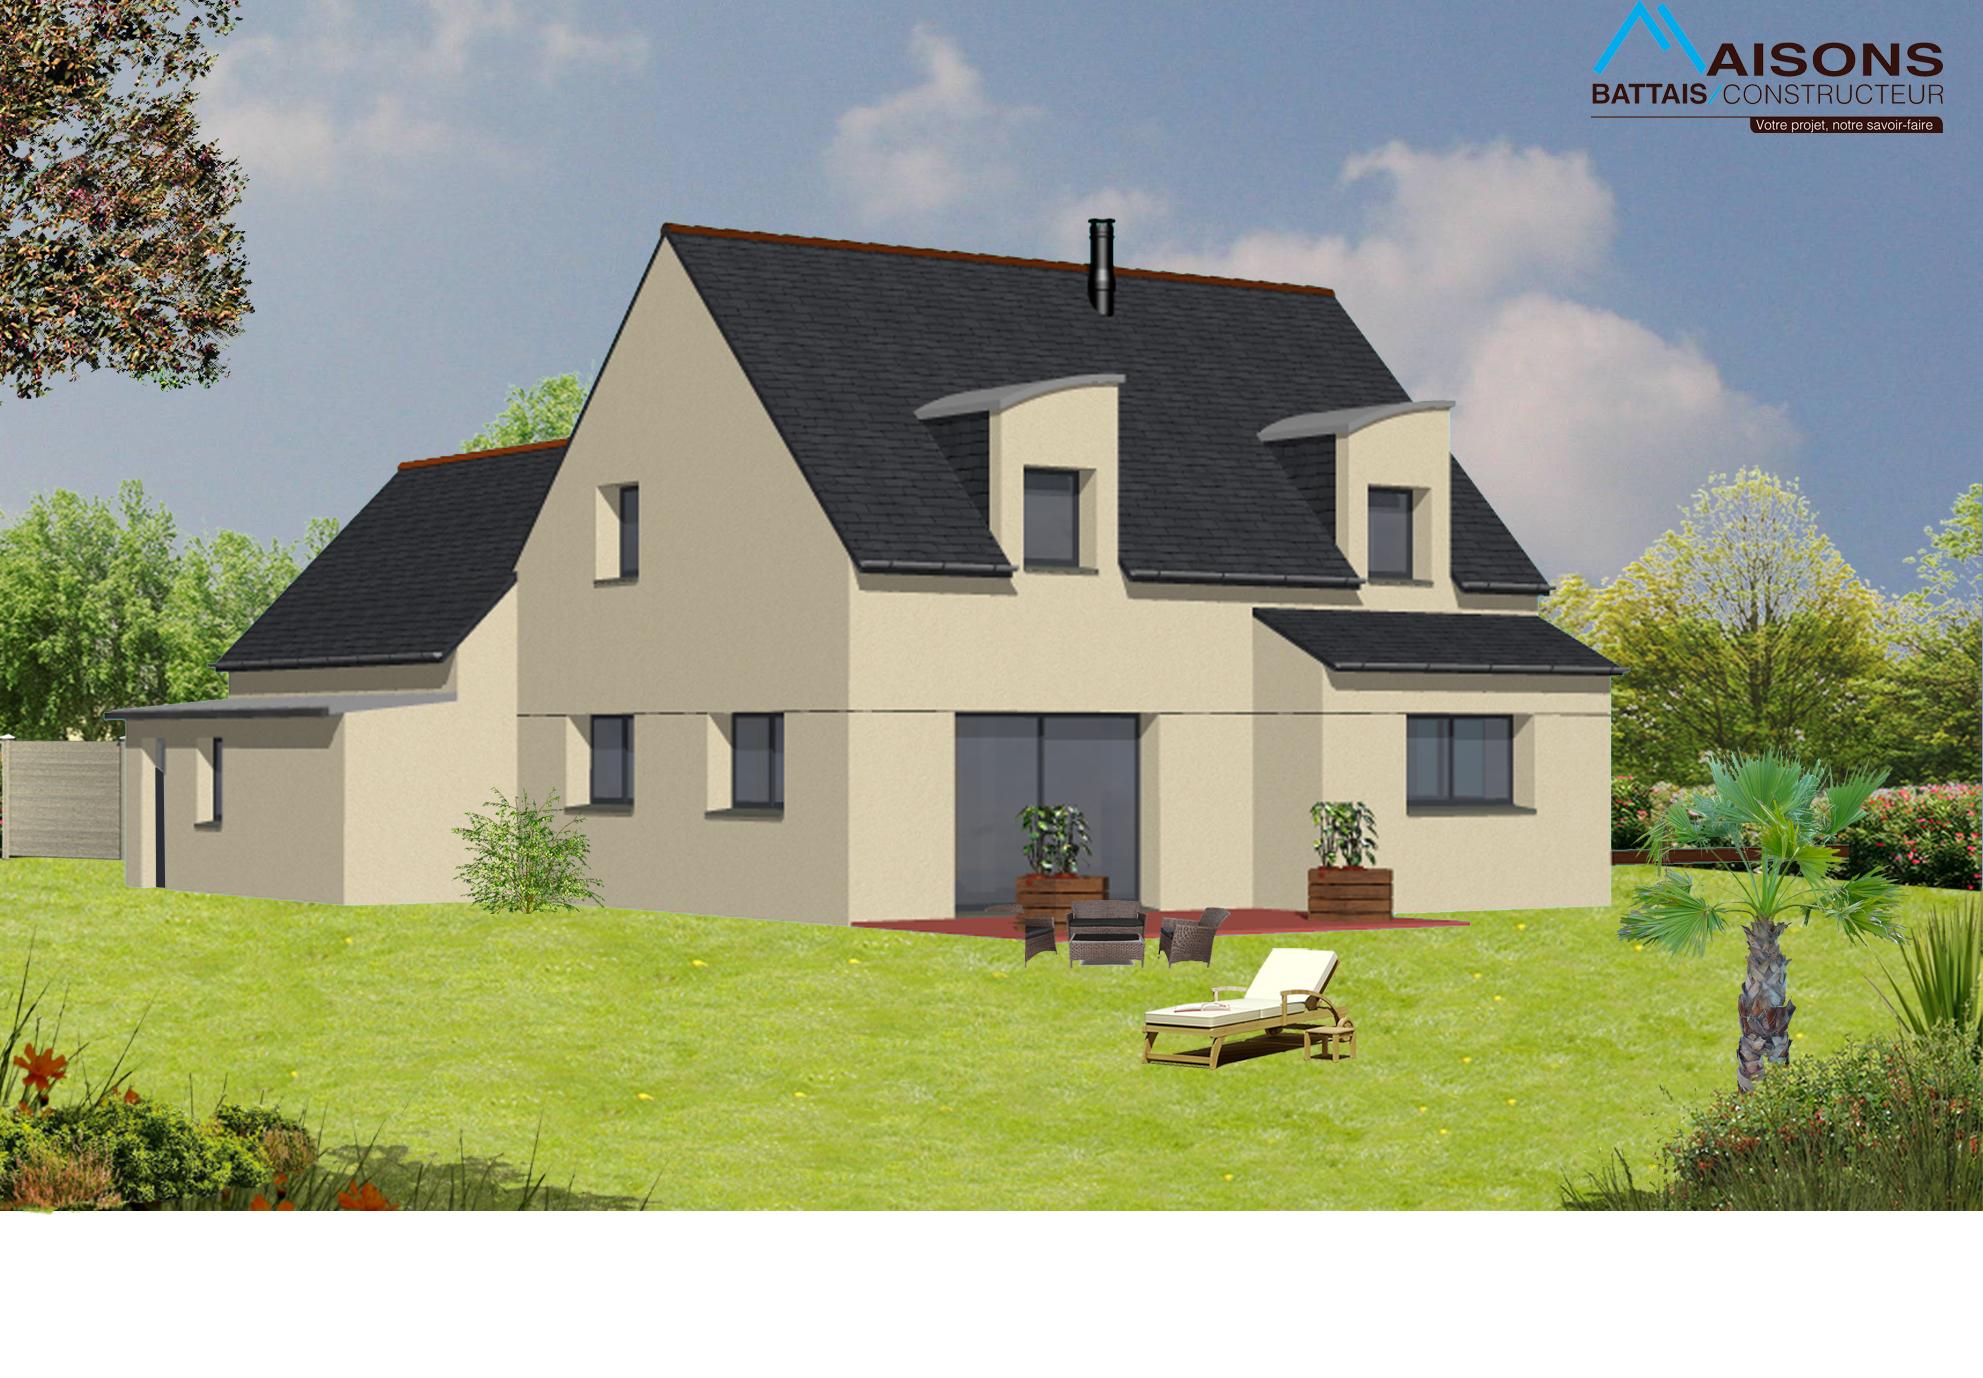 67 maisons battais constructeur ille et vilaine for Constructeur maison individuelle 67